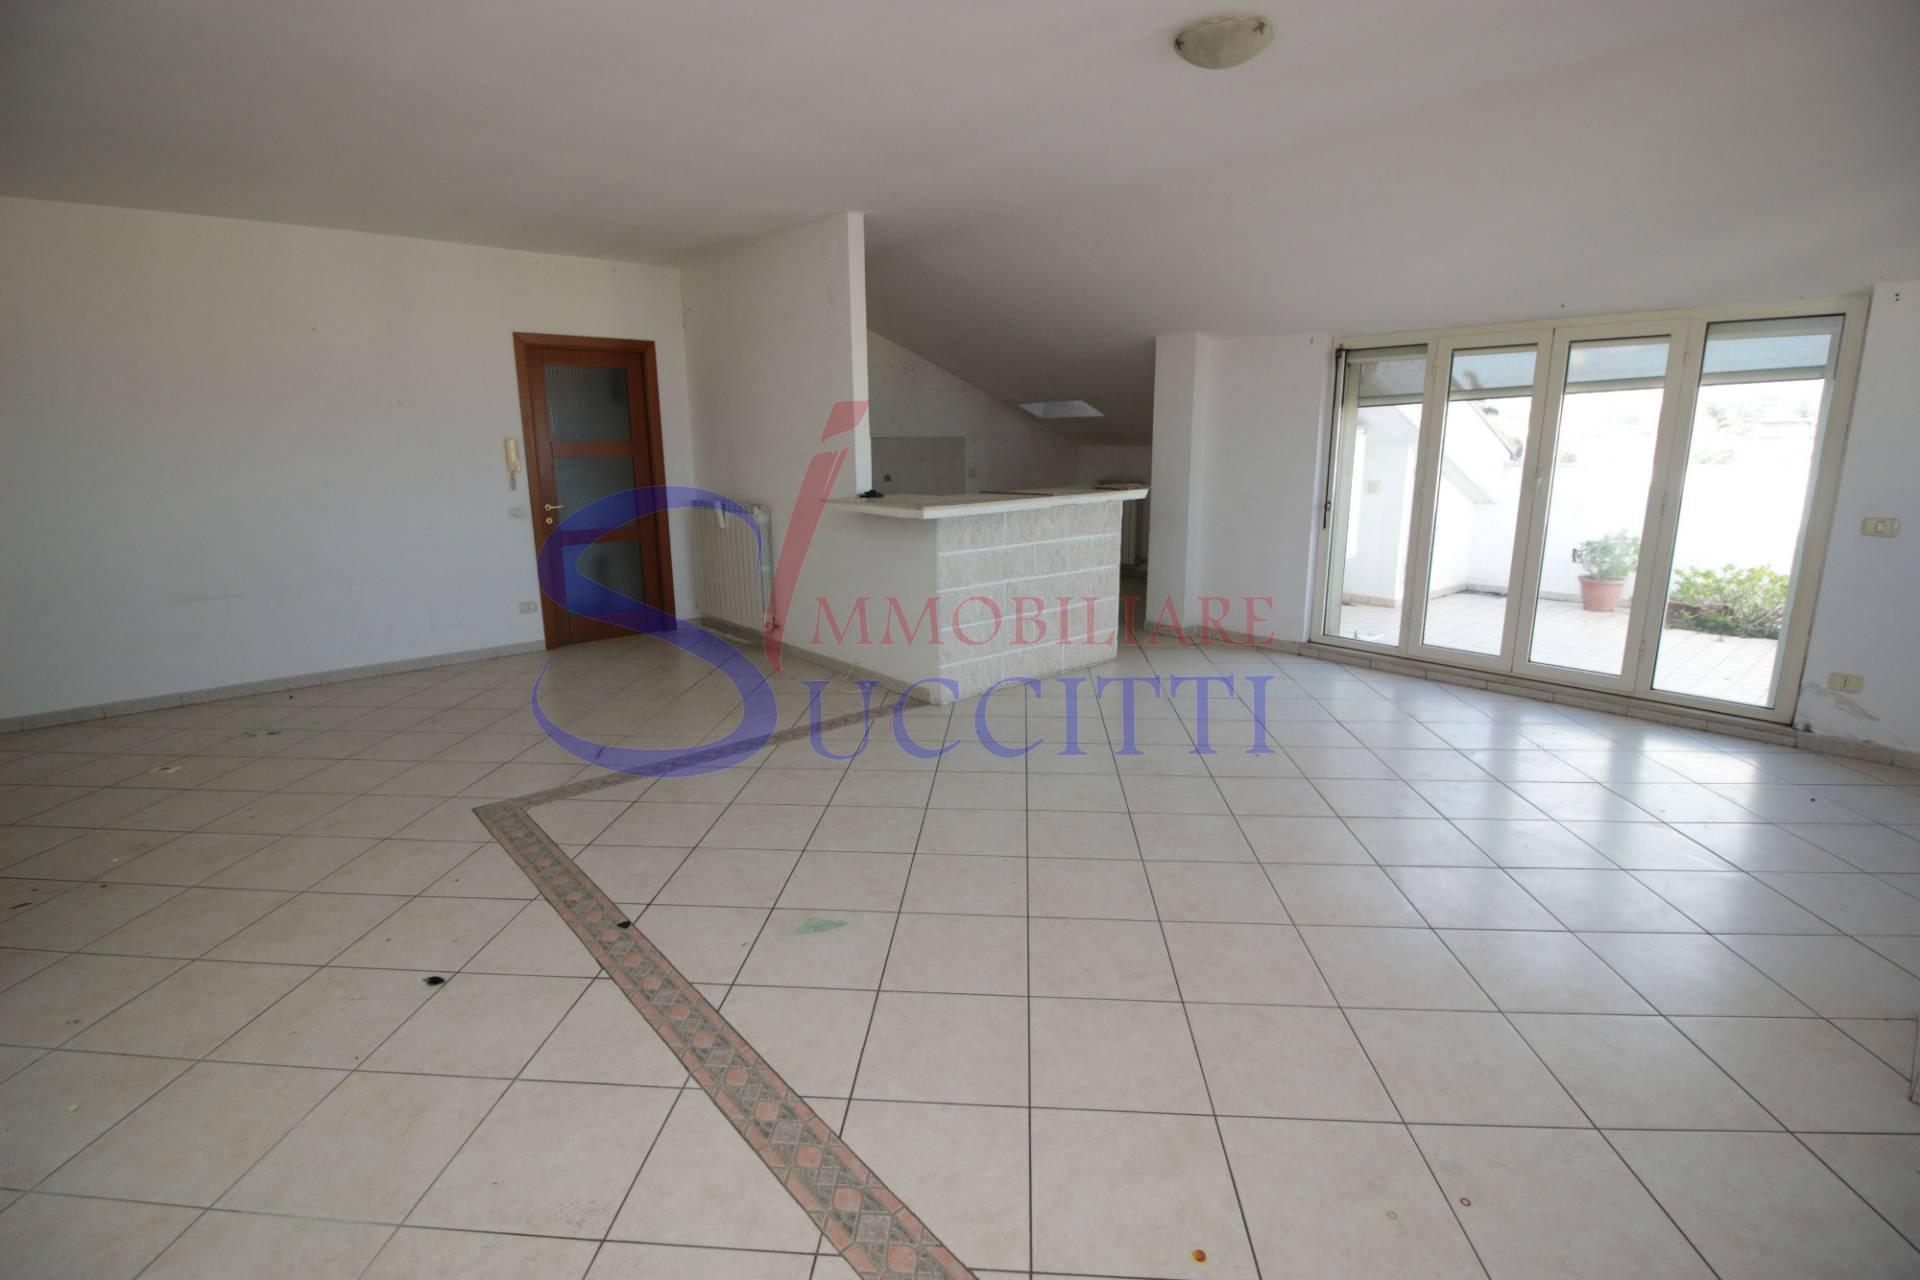 Appartamento in vendita a Corropoli, 4 locali, prezzo € 69.000 | CambioCasa.it